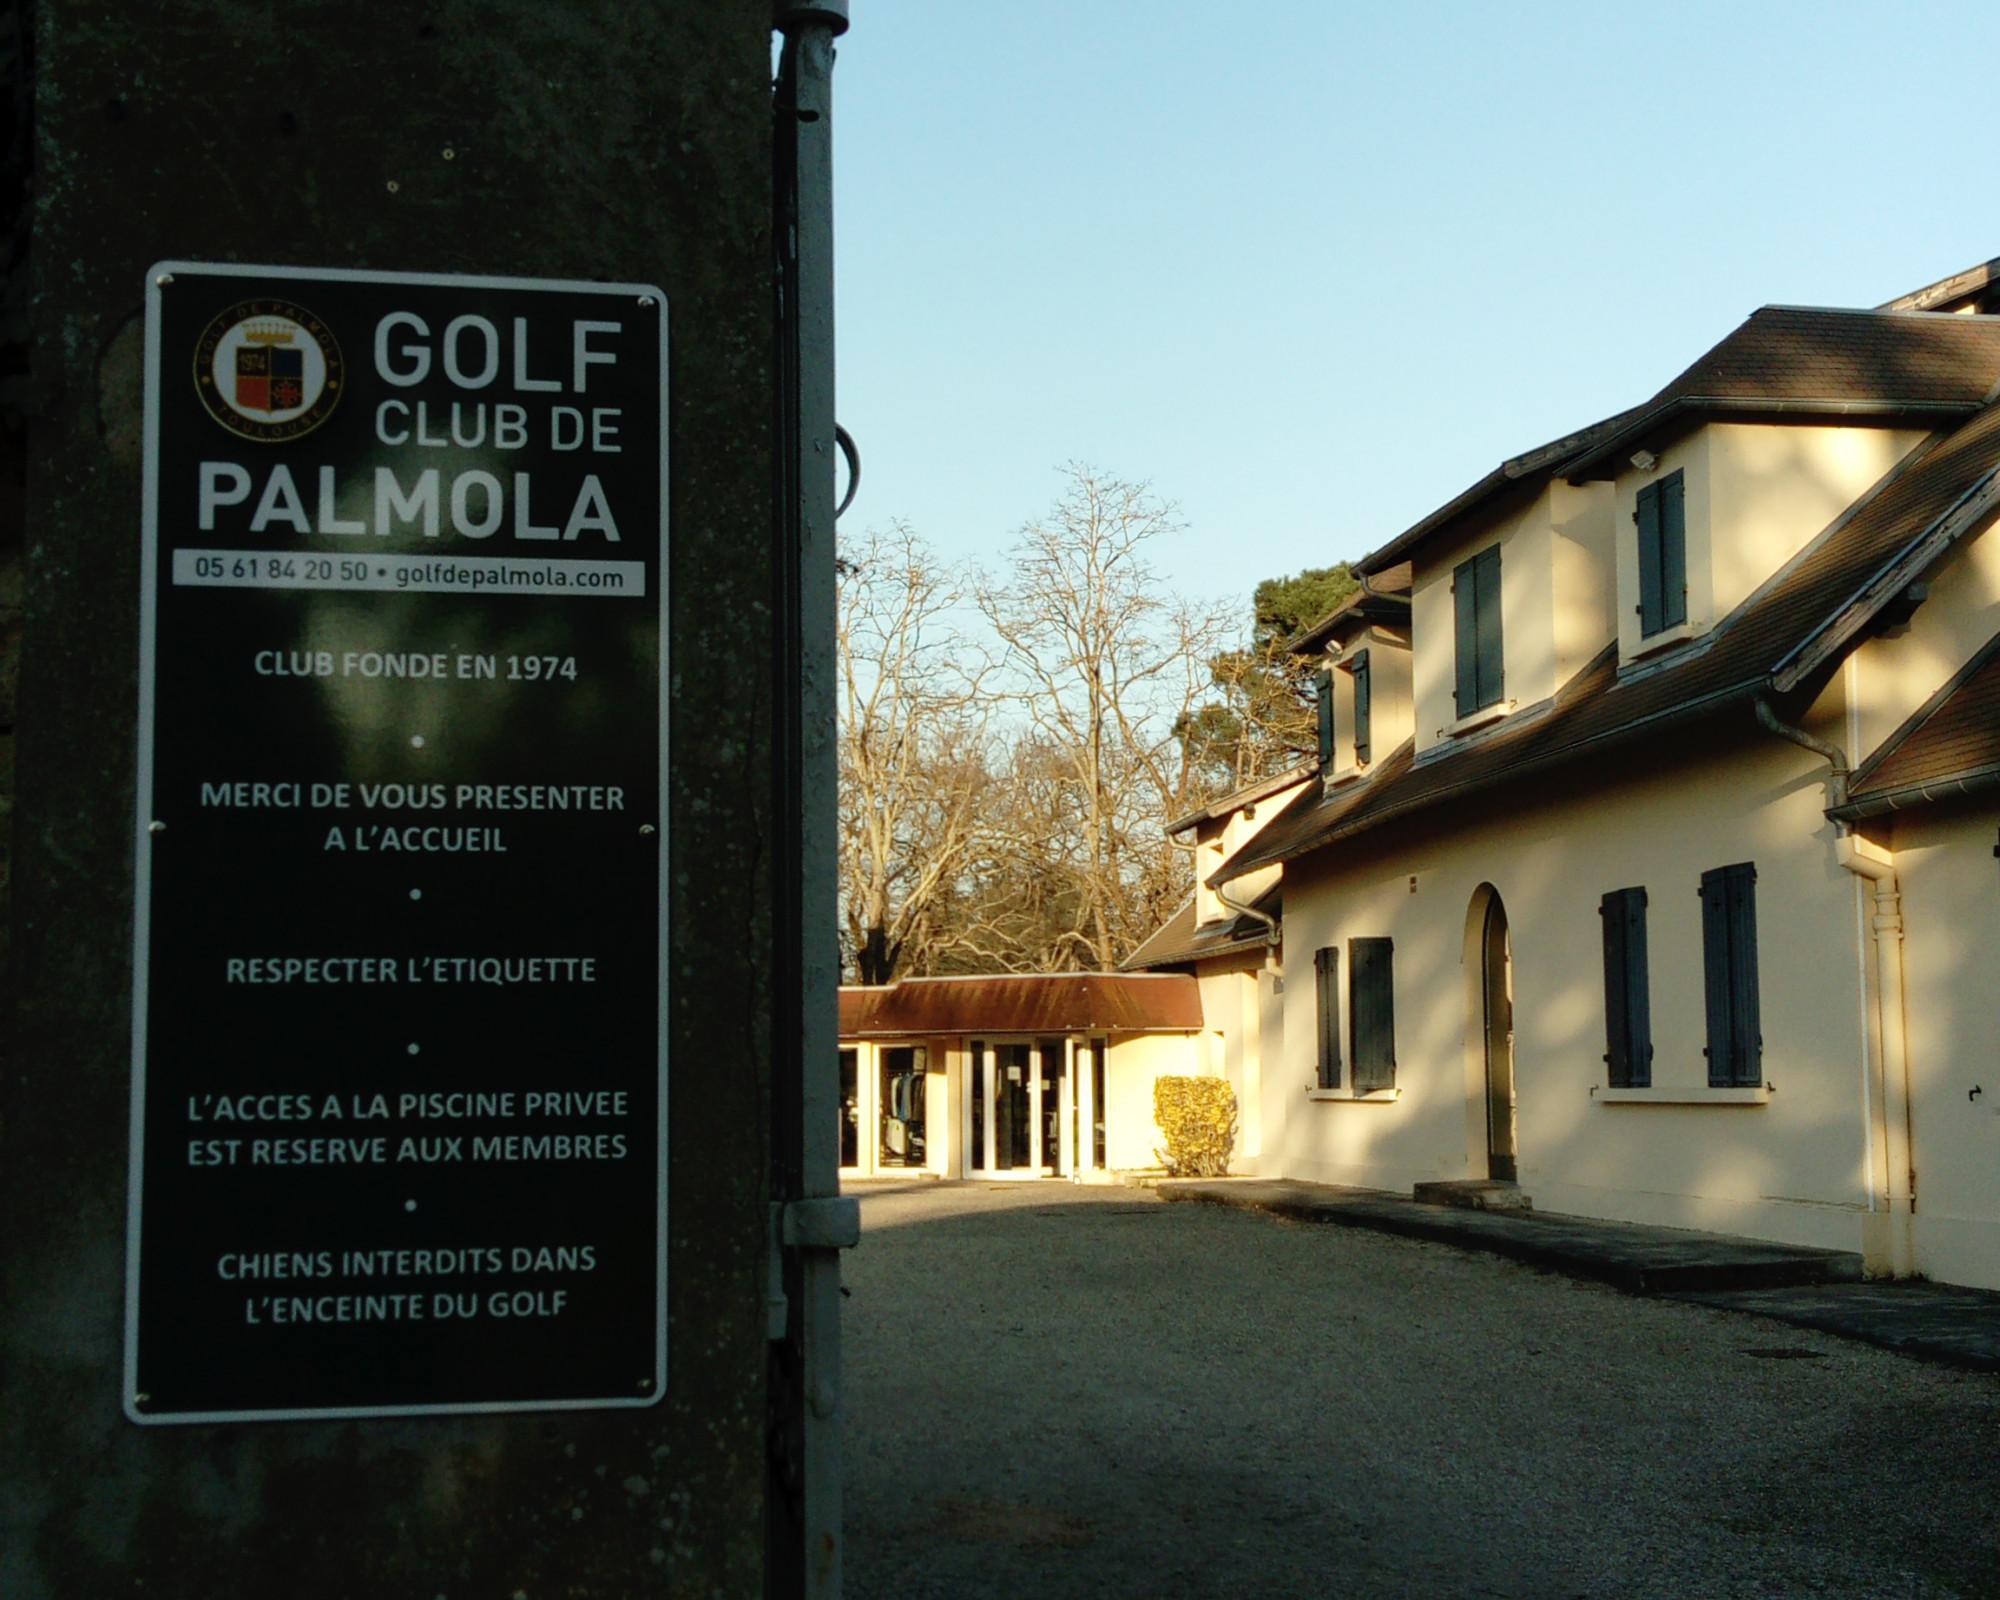 Golf de palmola - ShareYourTrip.fr